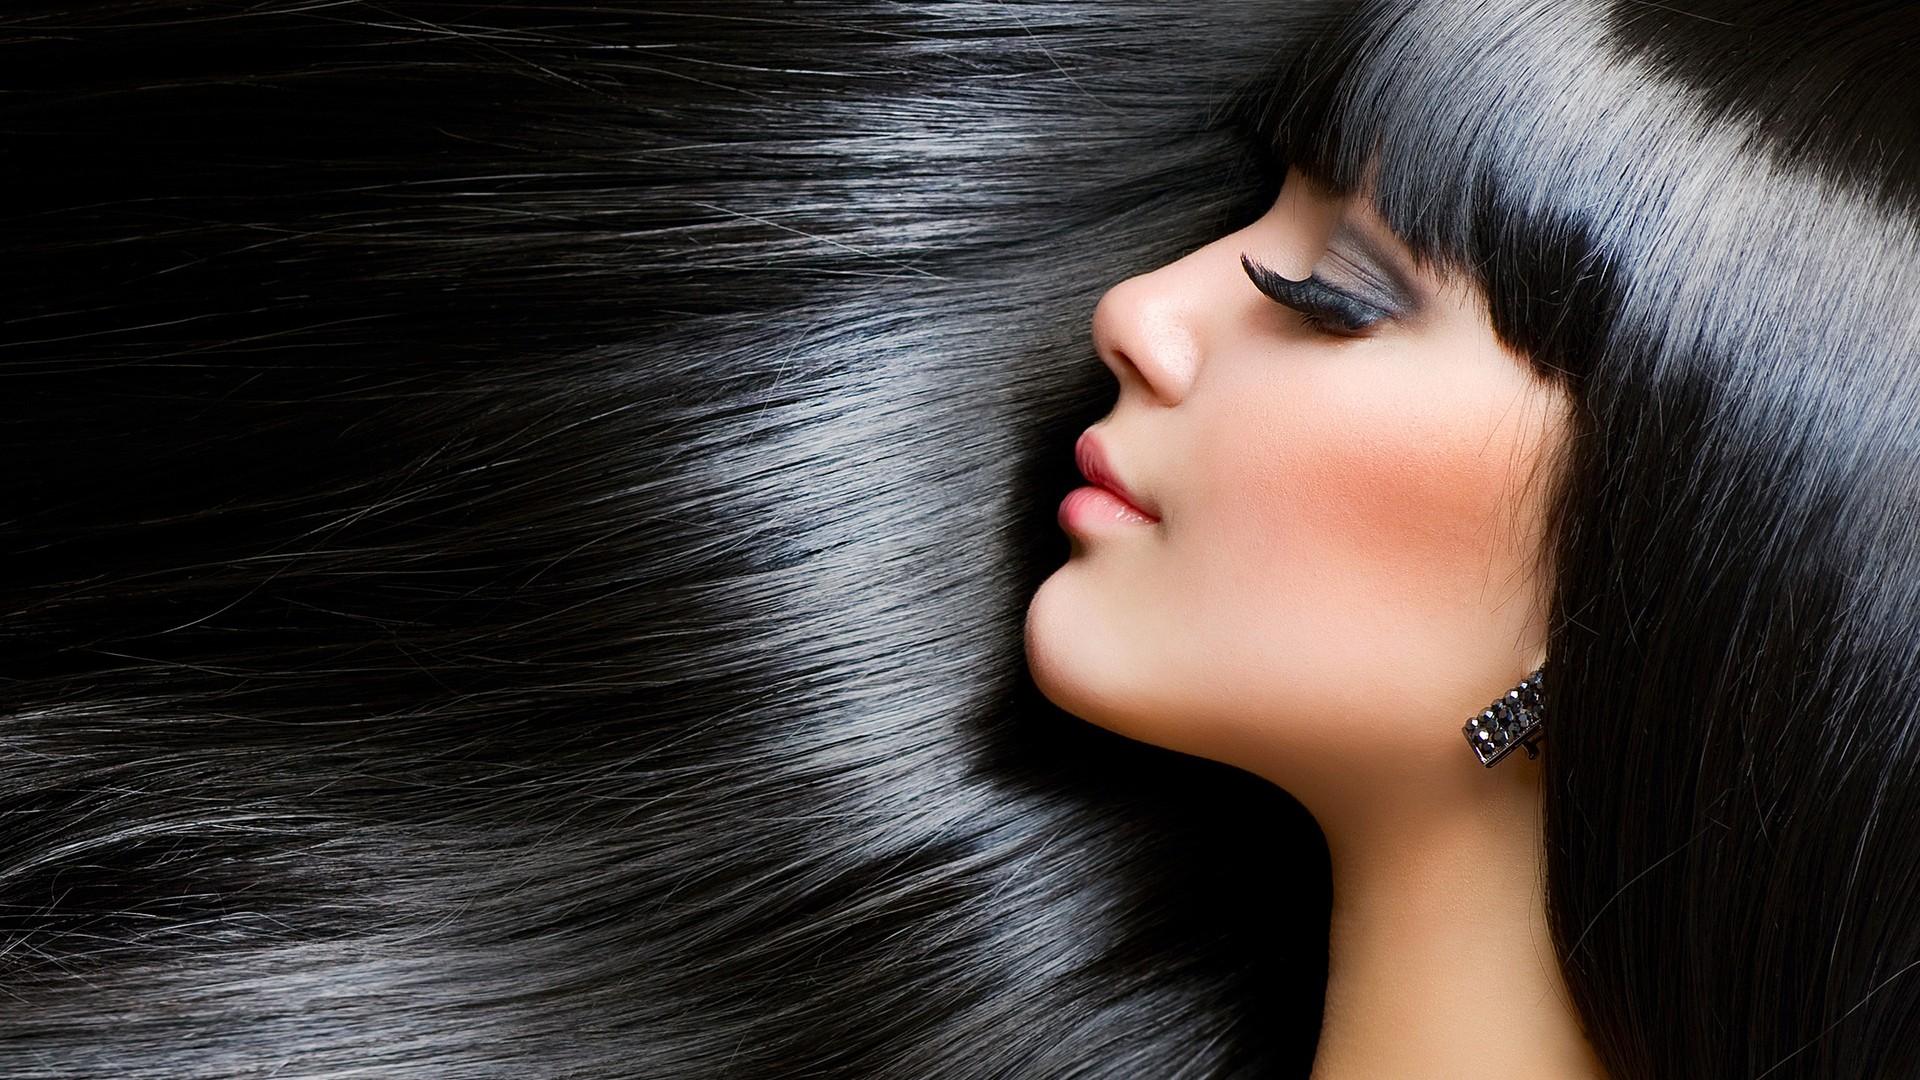 Сонник что означает волосы